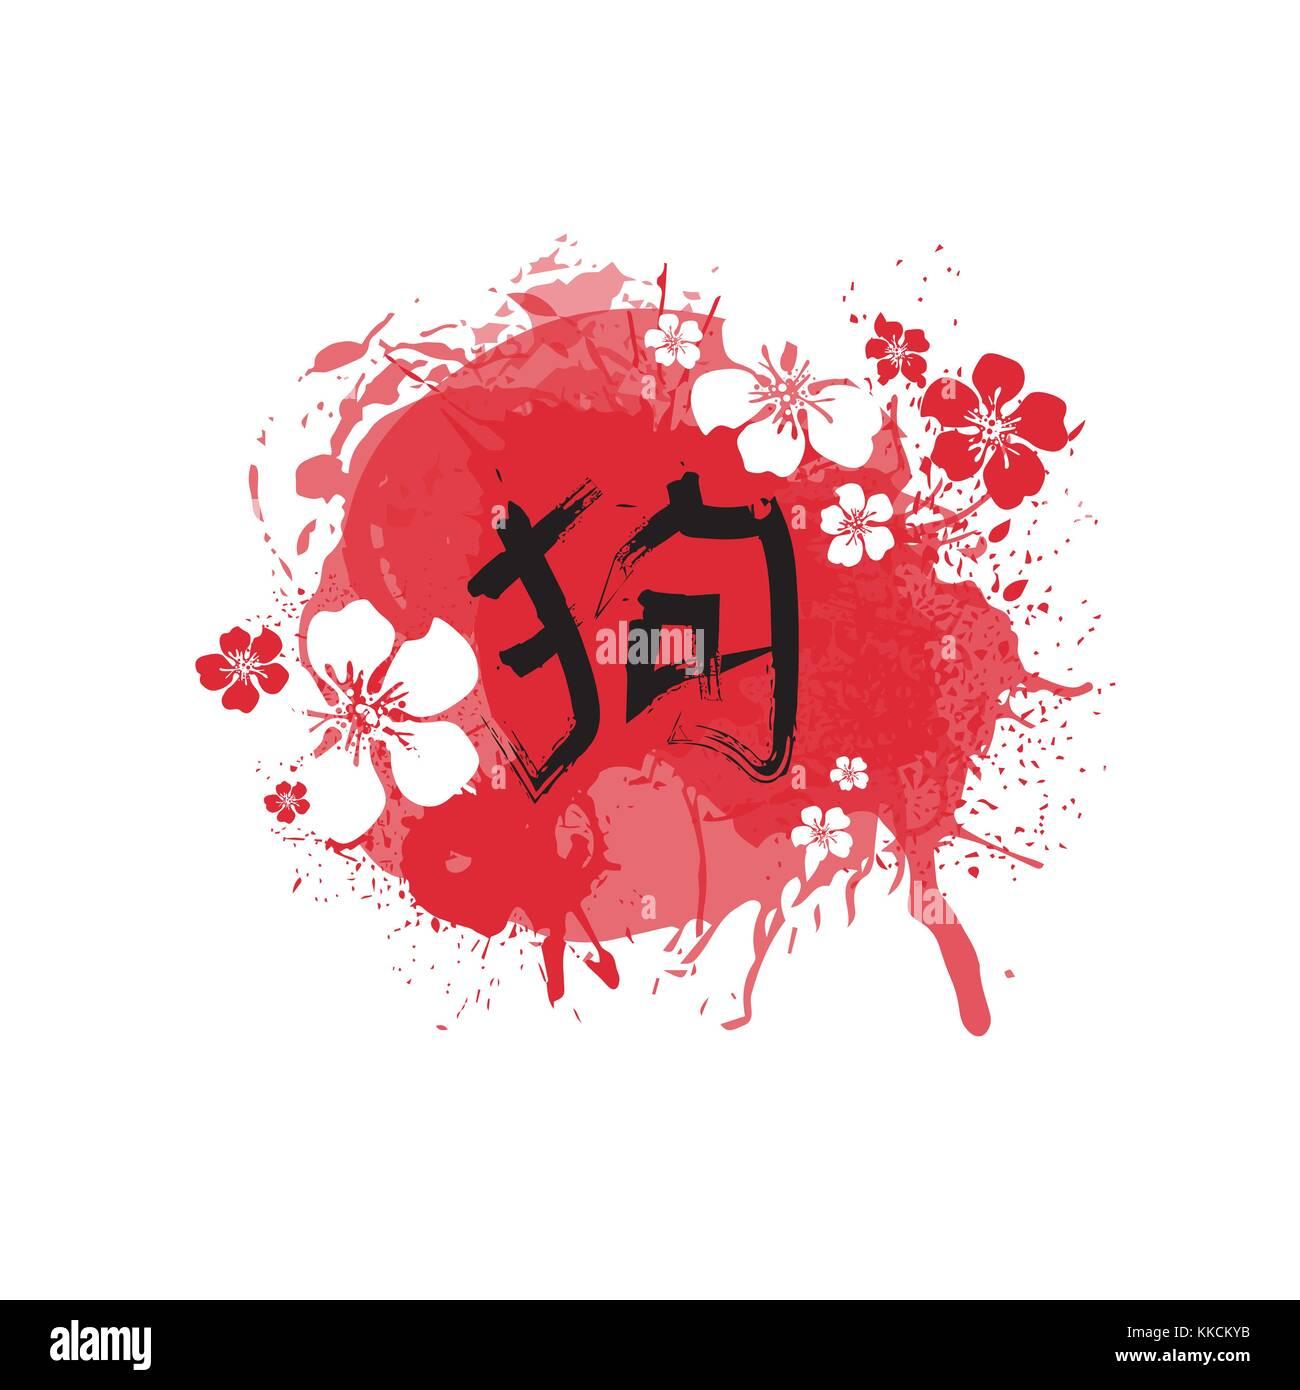 Chinese dog sign decoration red paint calligraphy 2018 black brush chinese dog sign decoration red paint calligraphy 2018 black brush stamp with dog new year zodiac symbol buycottarizona